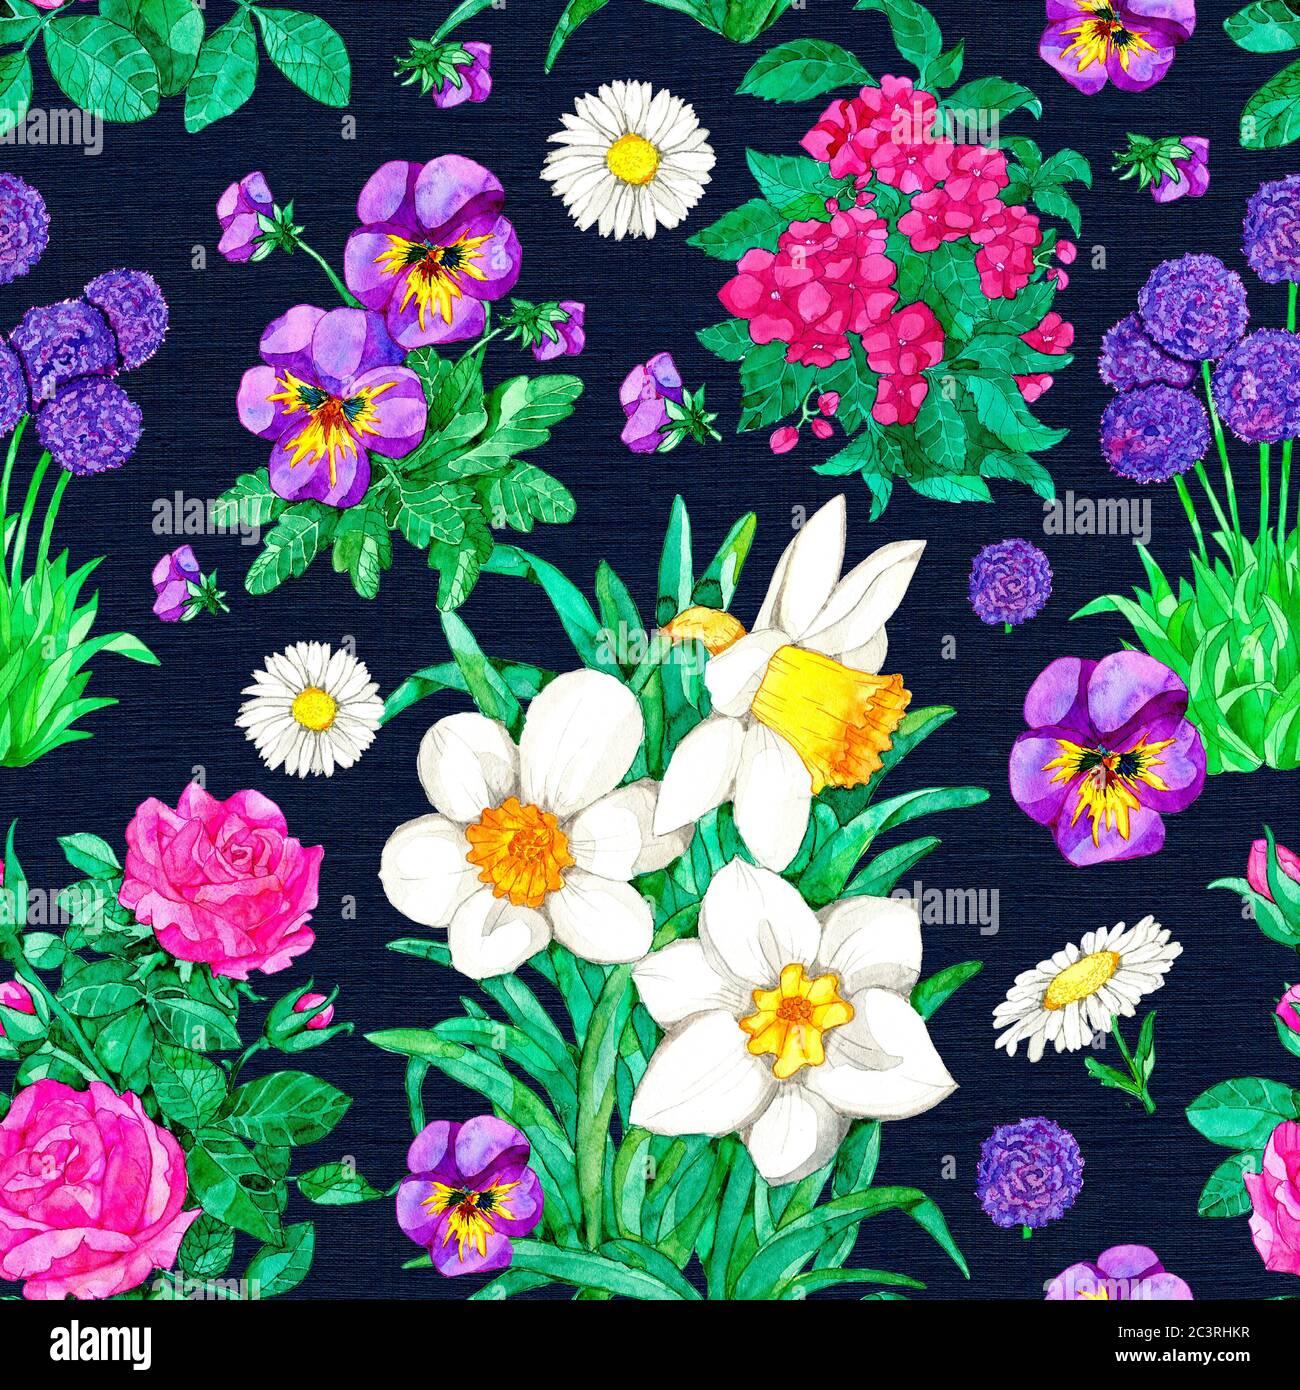 Nahtloses Muster mit Narzissen, Stiefmütterchen, Rose, Gänseblümchen auf blauem Hintergrund. Aquarell botanische Illustration mit floralen Elementen für Stoff texti Stockfoto